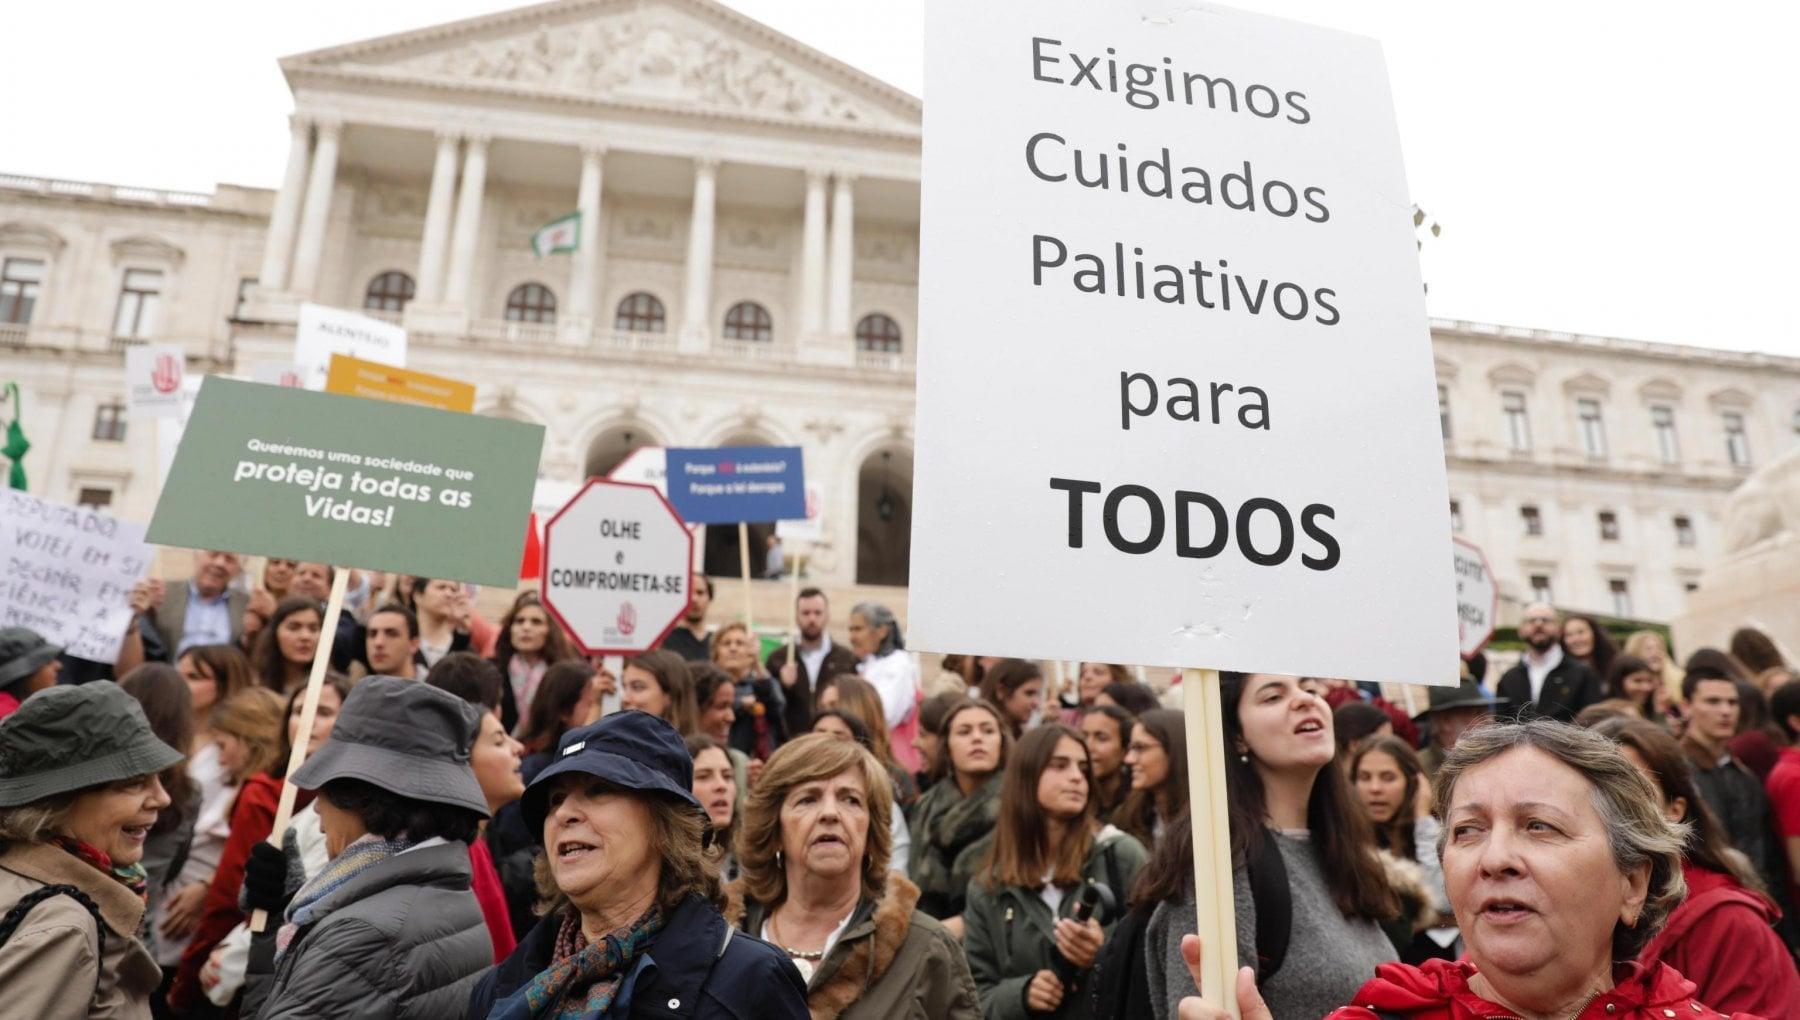 Portogallo, l'eutanasia diventa legale